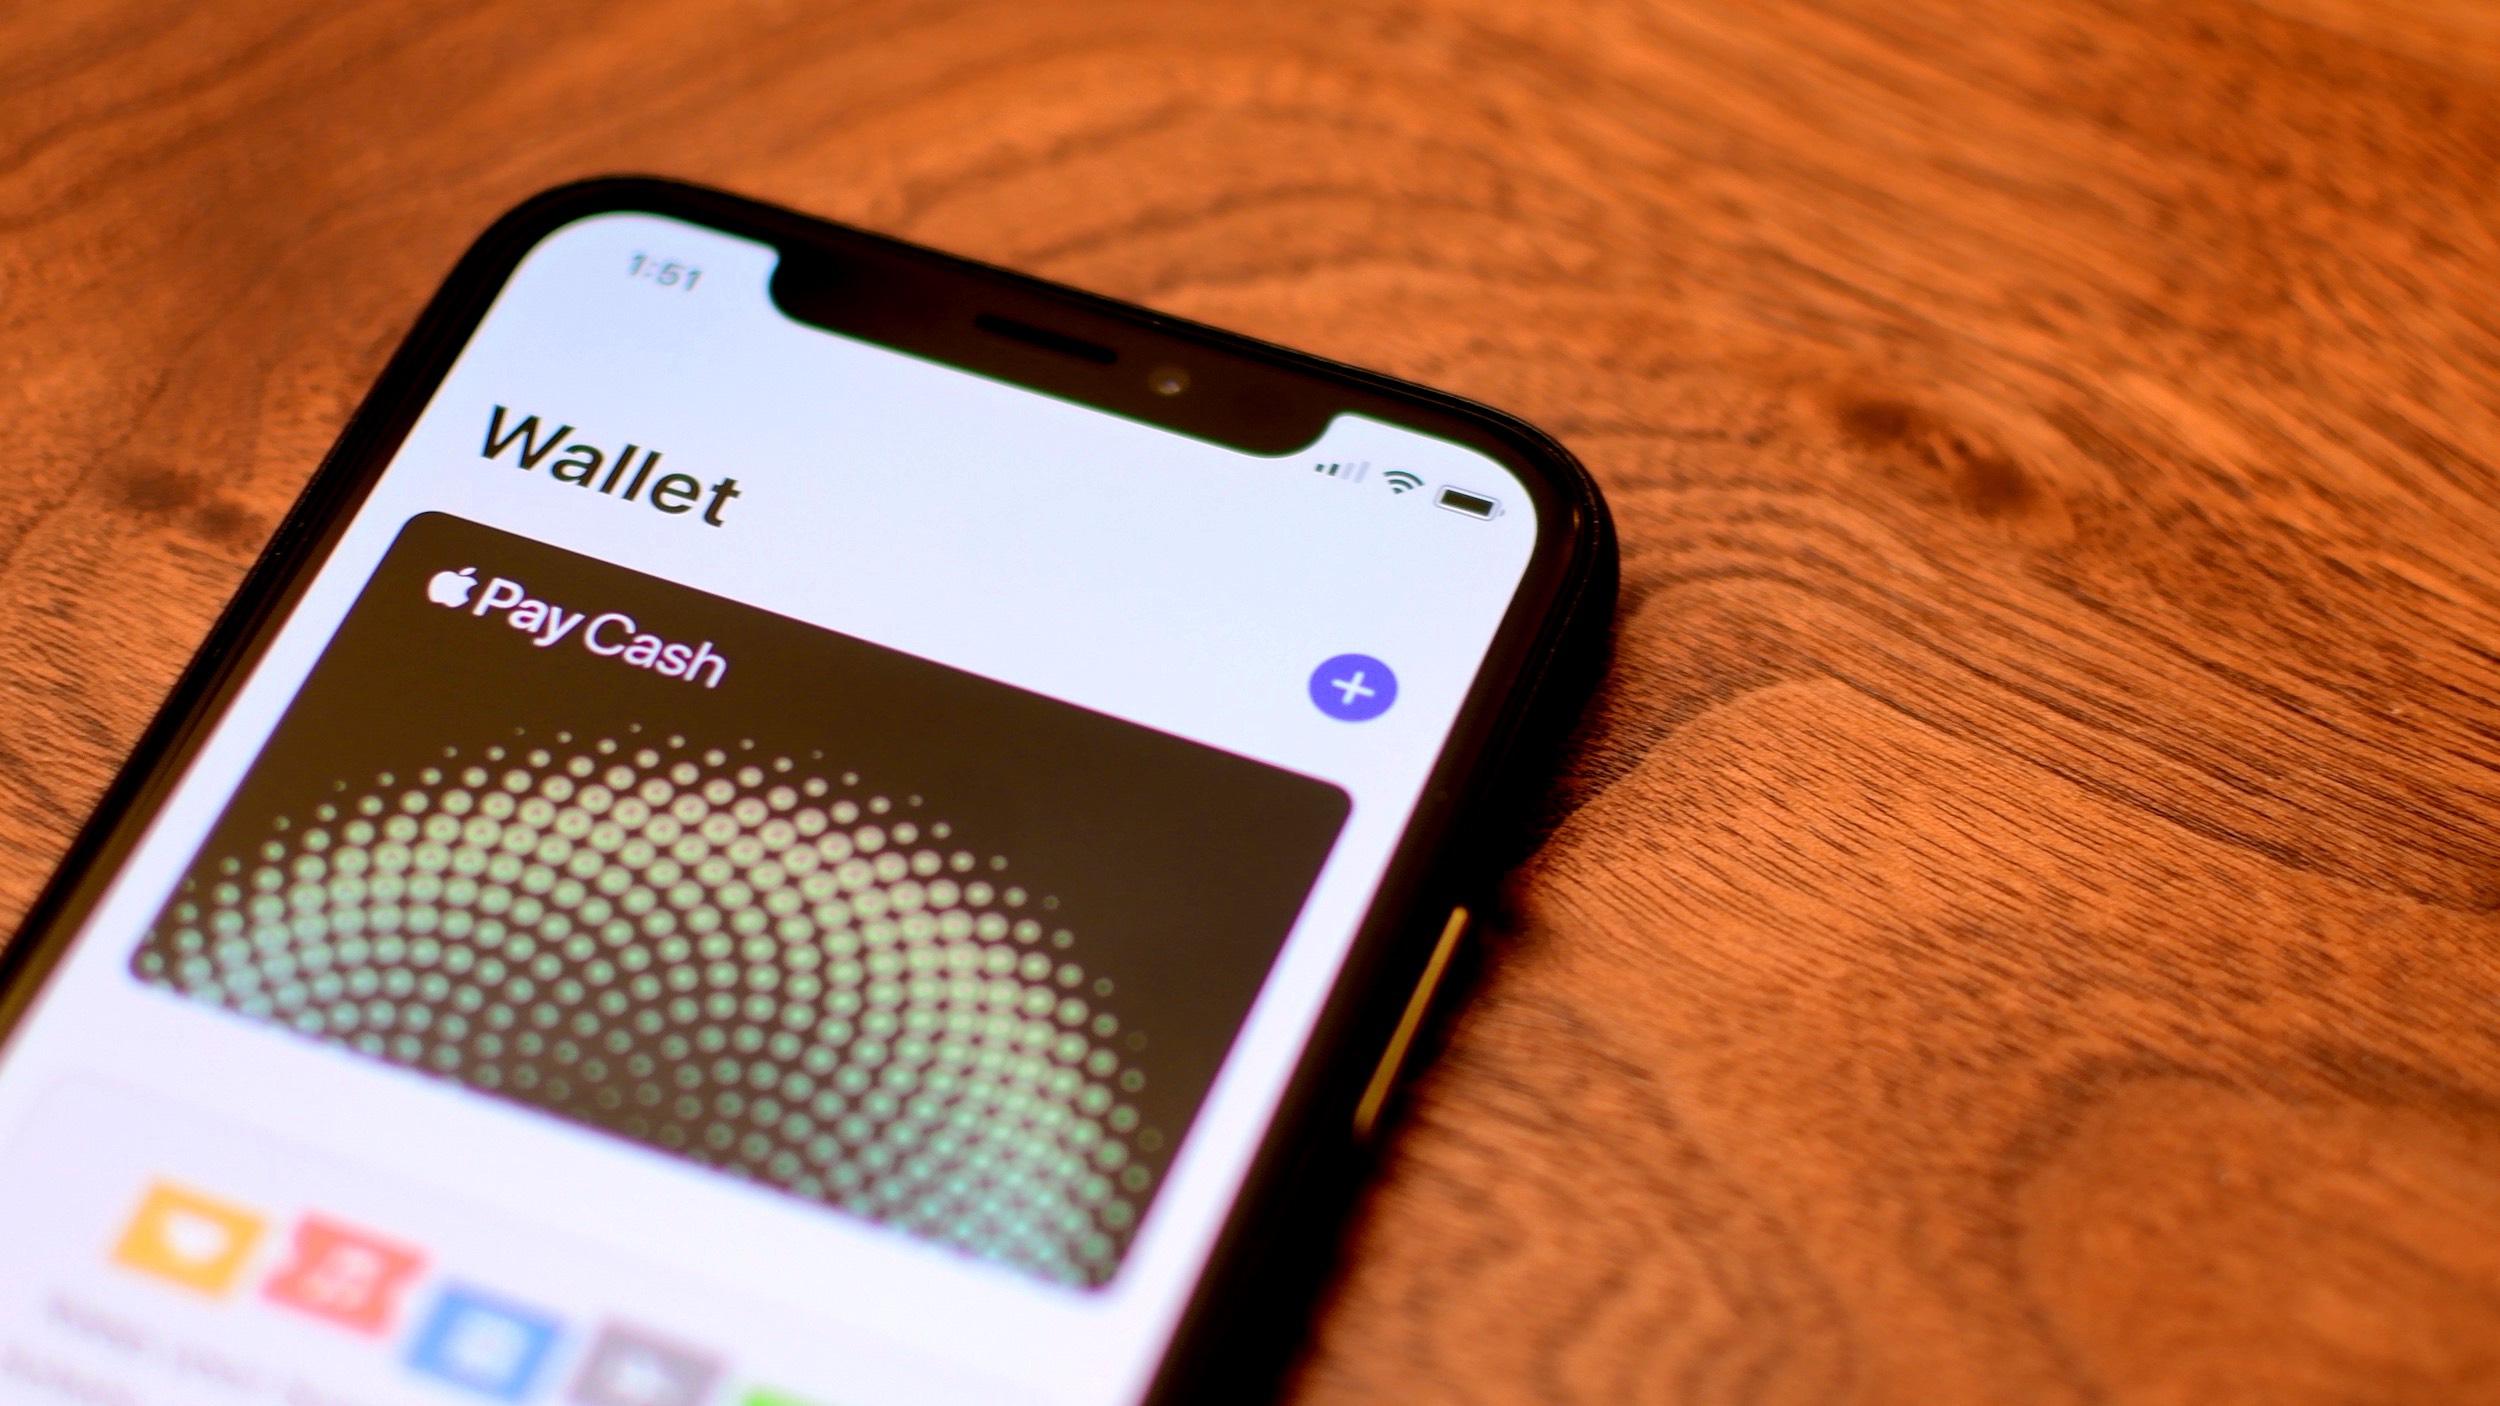 Apple sắp phát hành thẻ tín dụng riêng cho người dùng iPhone dự kiến vào tháng 9